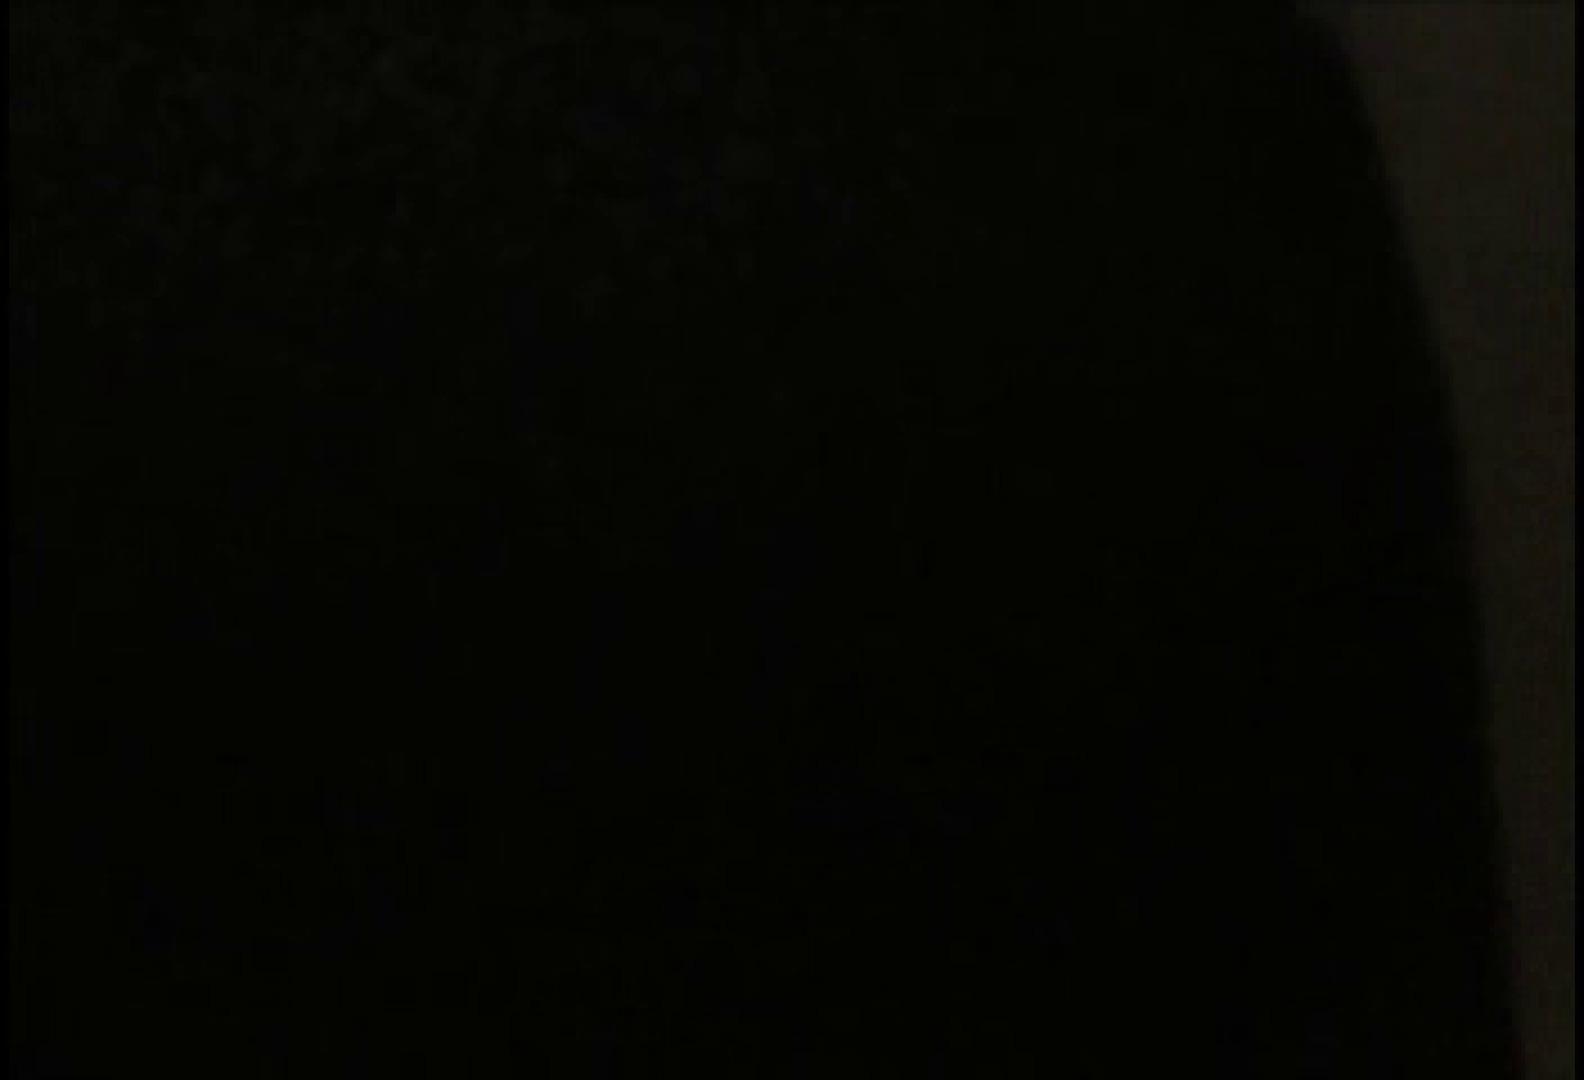 アイマスクでおもいっきり性感帯!!vol.02 射精天国 ゲイモロ画像 65pic 63